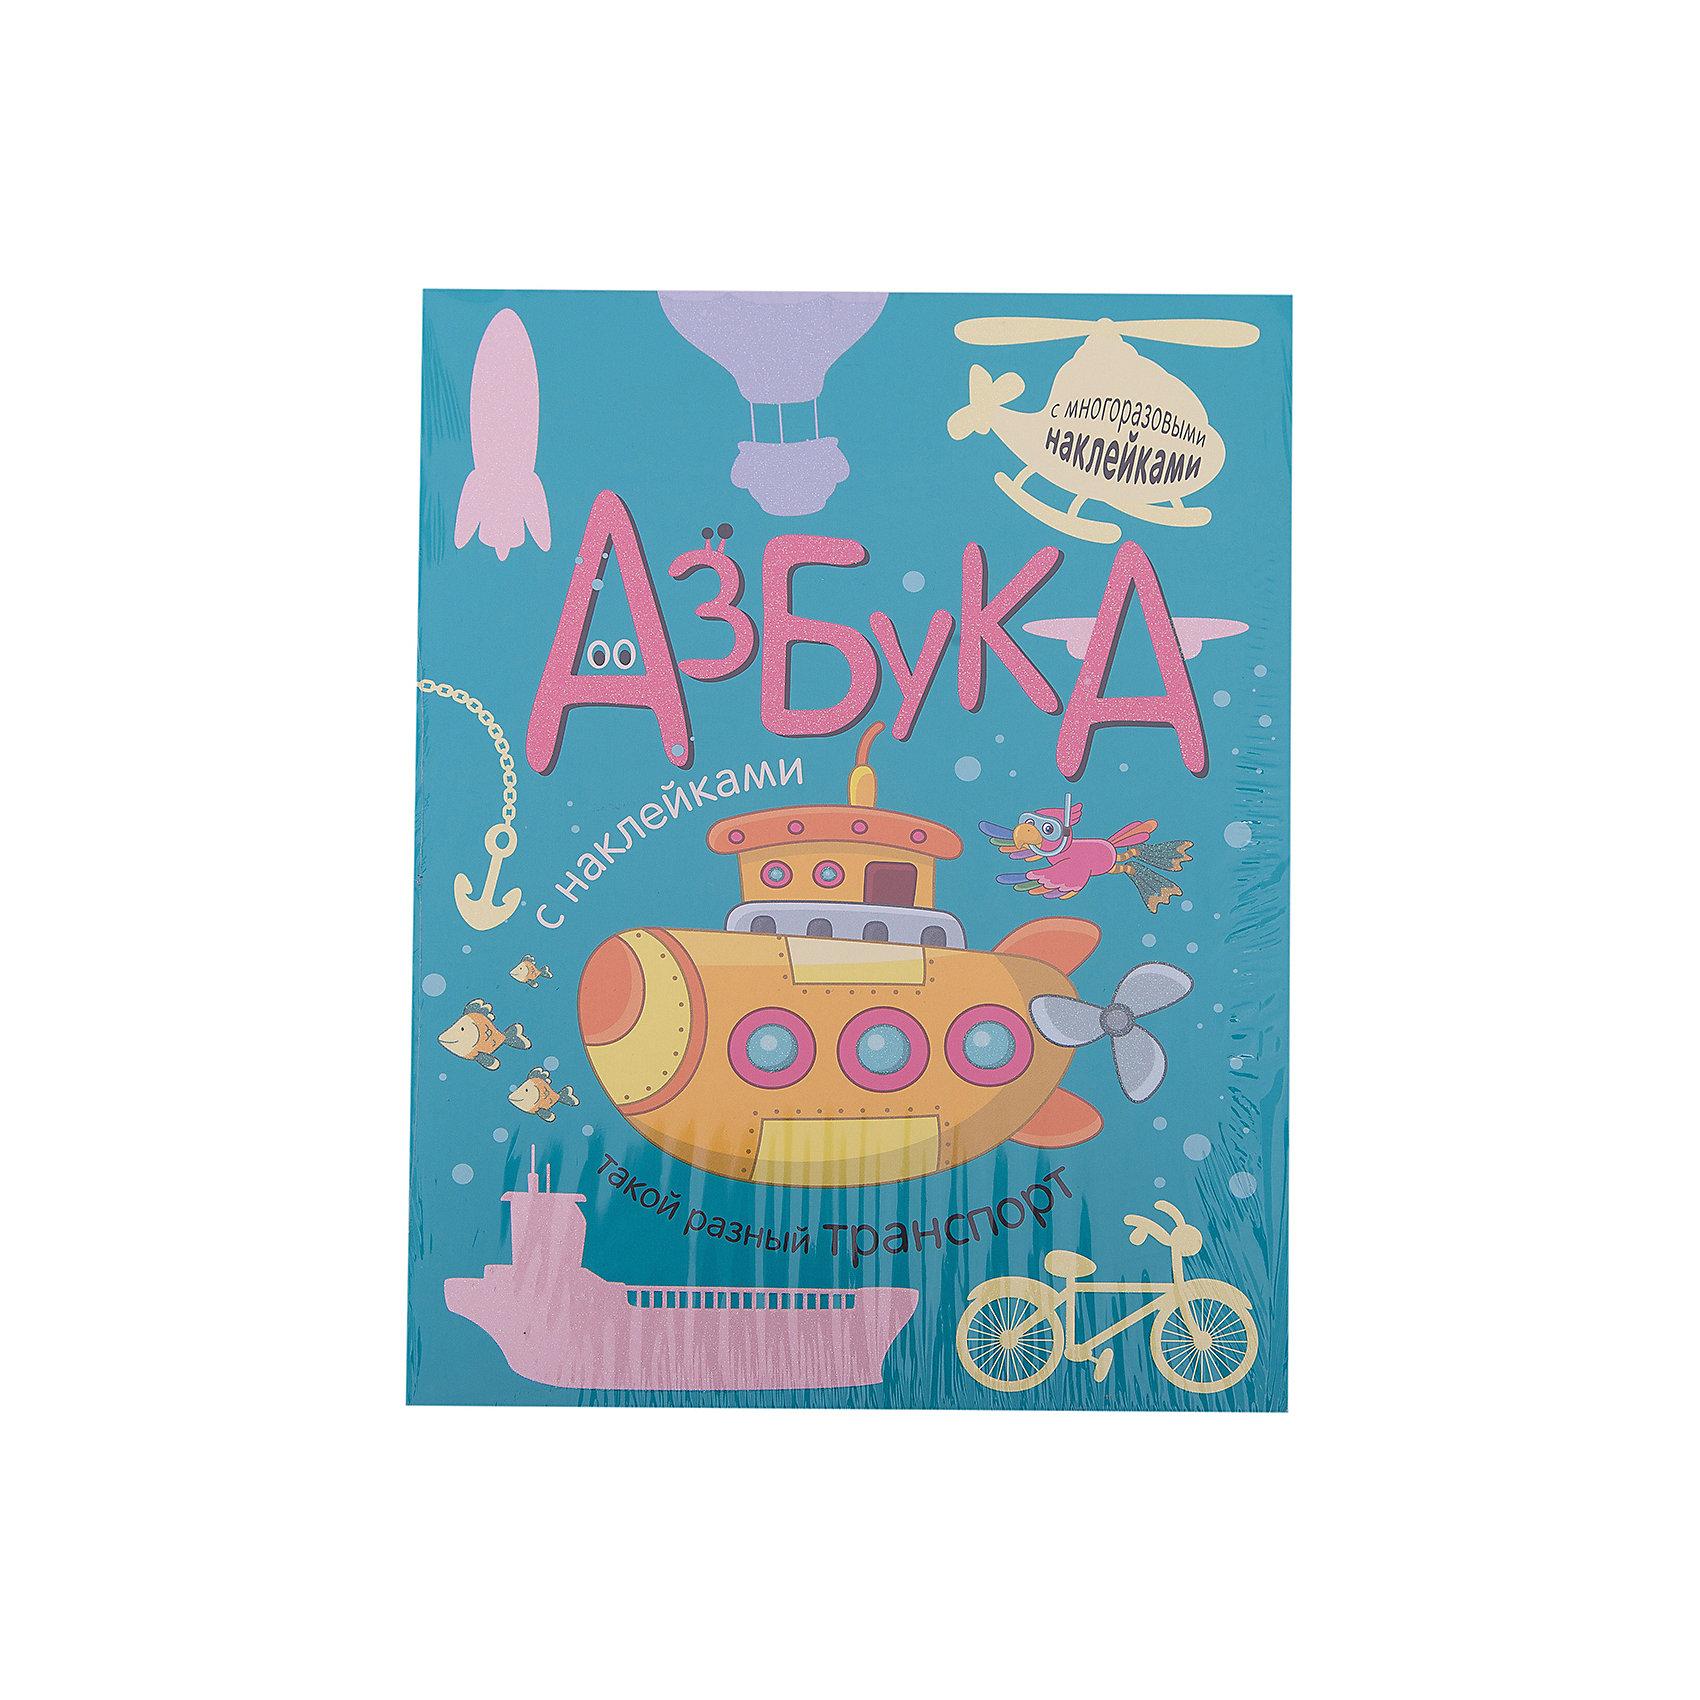 Азбука с наклейками Такой разный транспорт, Мозаика-СинтезРазвивающие книги<br>Азбука с наклейками Такой разный транспорт, Мозаика-Синтез<br><br>Характеристики:<br><br>• Издательство: МОЗАИКА-СИНТЕЗ<br>• ISBN: 978-5-43150-972-8<br>• Тип: книга с многоразовыми наклейками.<br>• Раздел знаний: ознакомление с окружающим миром.<br>• Возраст: 3-5 лет.<br>• Размер книги: 290х215х40мм.<br>• Количество страниц: 32.<br><br>С замечательной азбукой «Такой разный транспорт» Ваш ребенок не только выучит алфавит, но и познакомится с различными видами транспорта. Запомнить все буквы ему помогут яркие иллюстрации, веселые стихотворения и увлекательные задания с наклейками. Каждой букве посвящена отдельная страница. <br><br>Ребенку предстоит прослушать забавное стихотворение и рассмотреть красочный рисунок, который нужно дополнить, отыскав картинки на соответствующую букву среди наклеек. Кстати, наклейки в книге многоразовые, поэтому малыш может смело экспериментировать, не боясь ошибиться.<br><br>Азбуку с наклейками Такой разный транспорт, Мозаика-Синтез, можно купить в нашем интернет – магазине.<br><br>Ширина мм: 2<br>Глубина мм: 215<br>Высота мм: 290<br>Вес г: 175<br>Возраст от месяцев: 36<br>Возраст до месяцев: 60<br>Пол: Унисекс<br>Возраст: Детский<br>SKU: 5428889